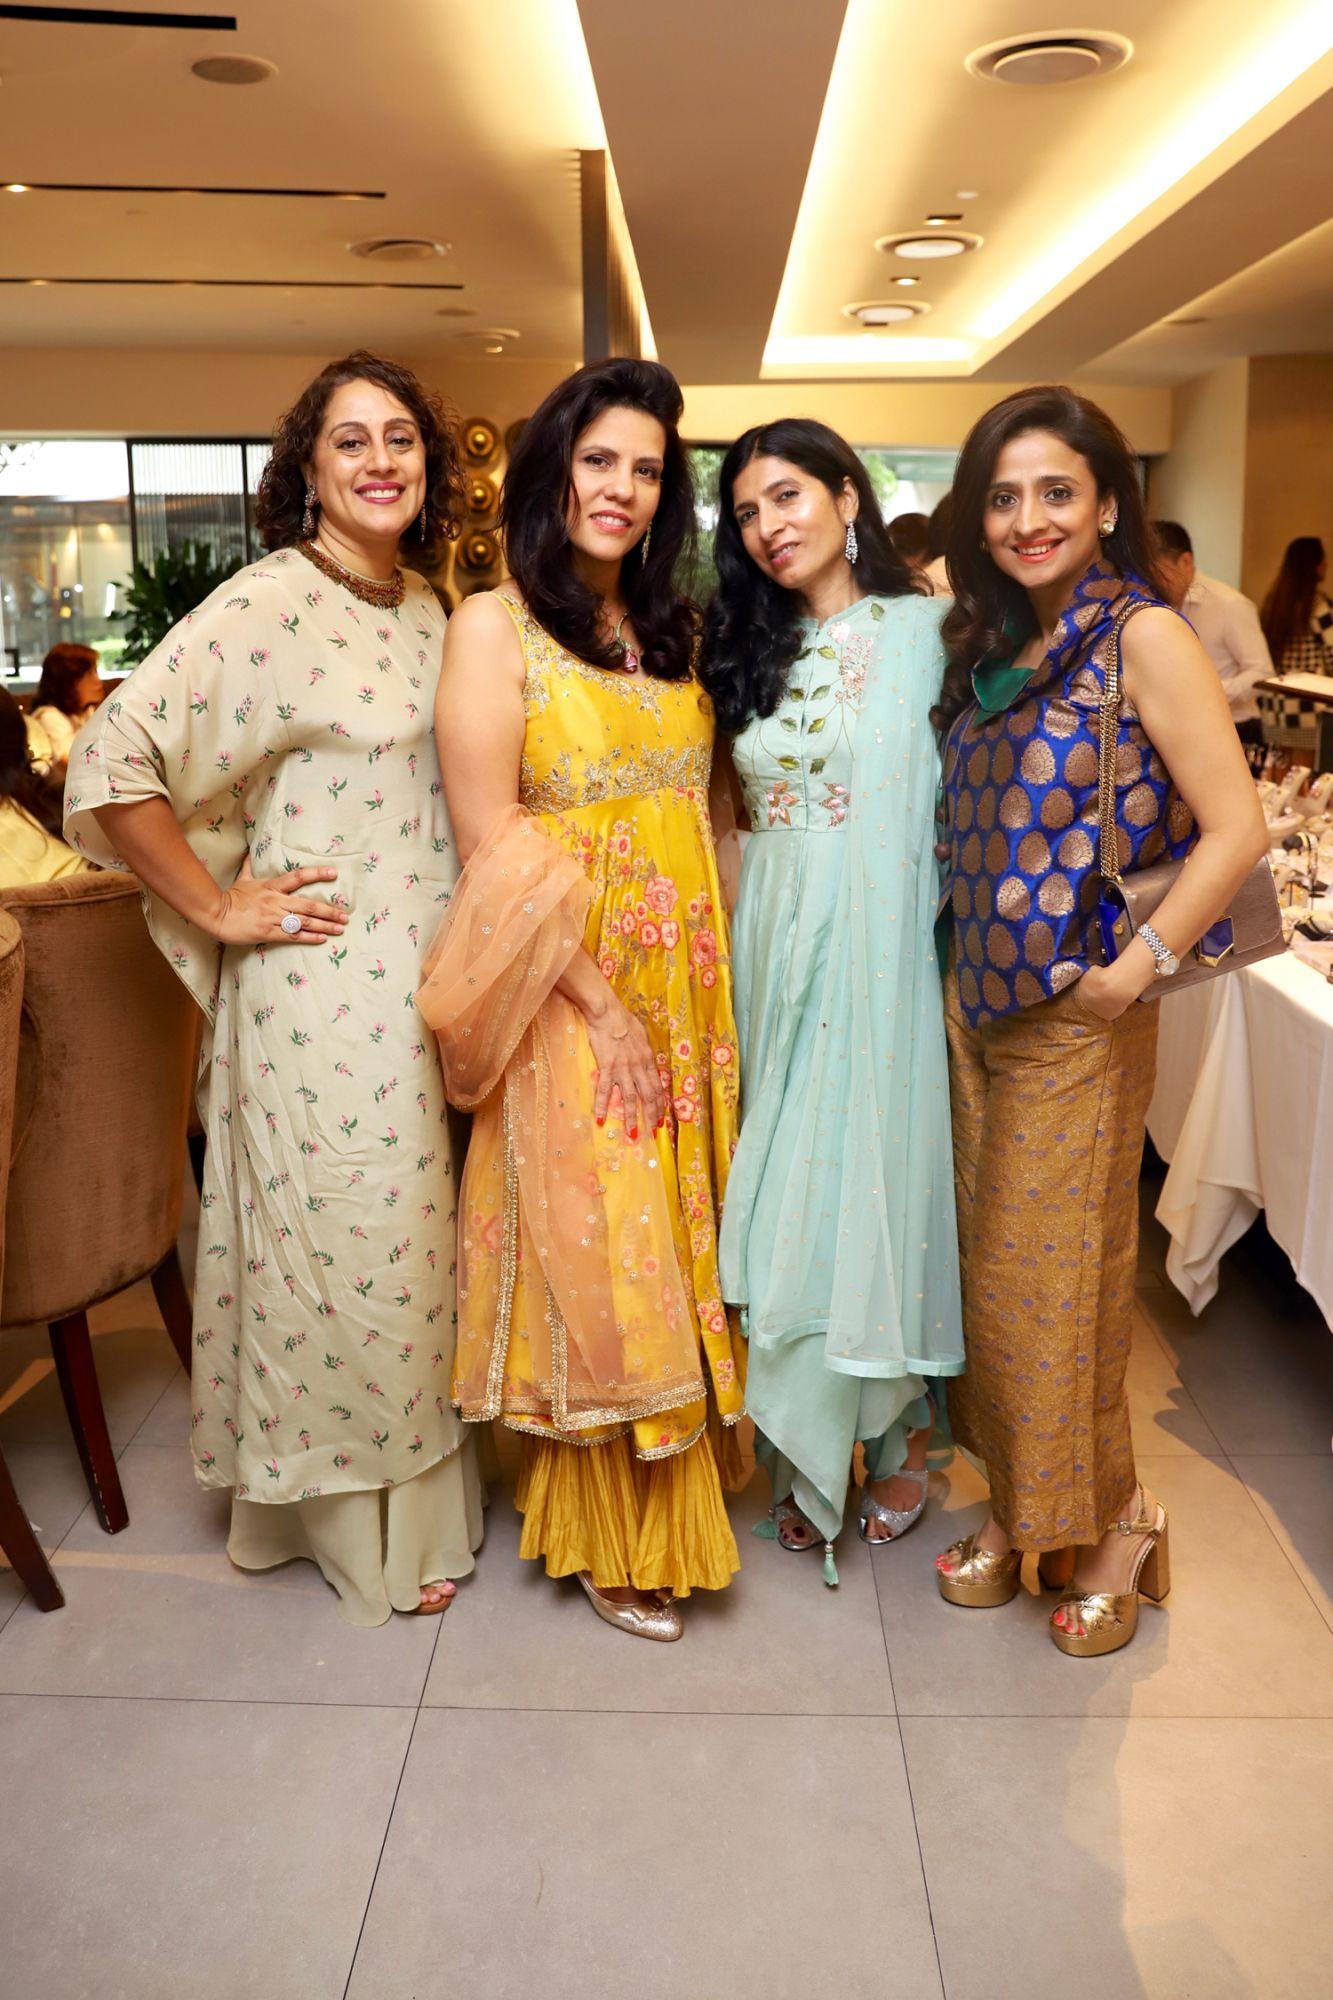 Shonali Sardesai, Sara Taseer, Sunita Malek, Samia Khan